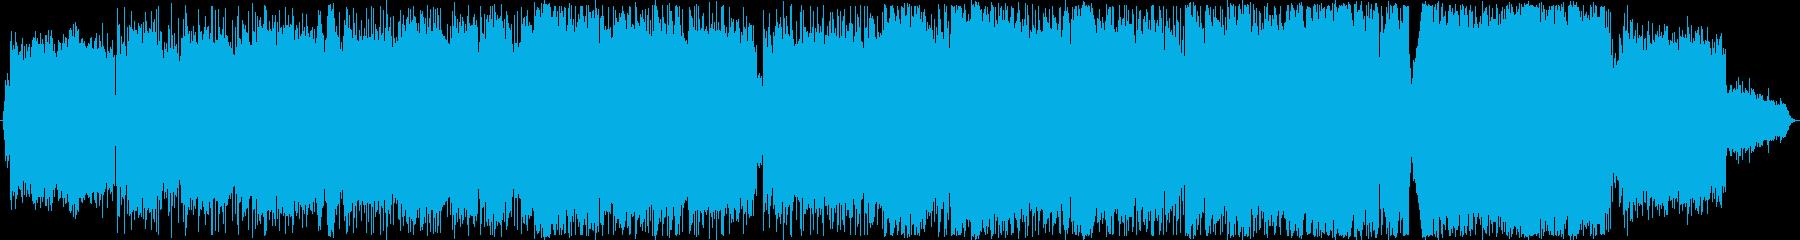 スパニッシュ系R&B風のバラードの再生済みの波形